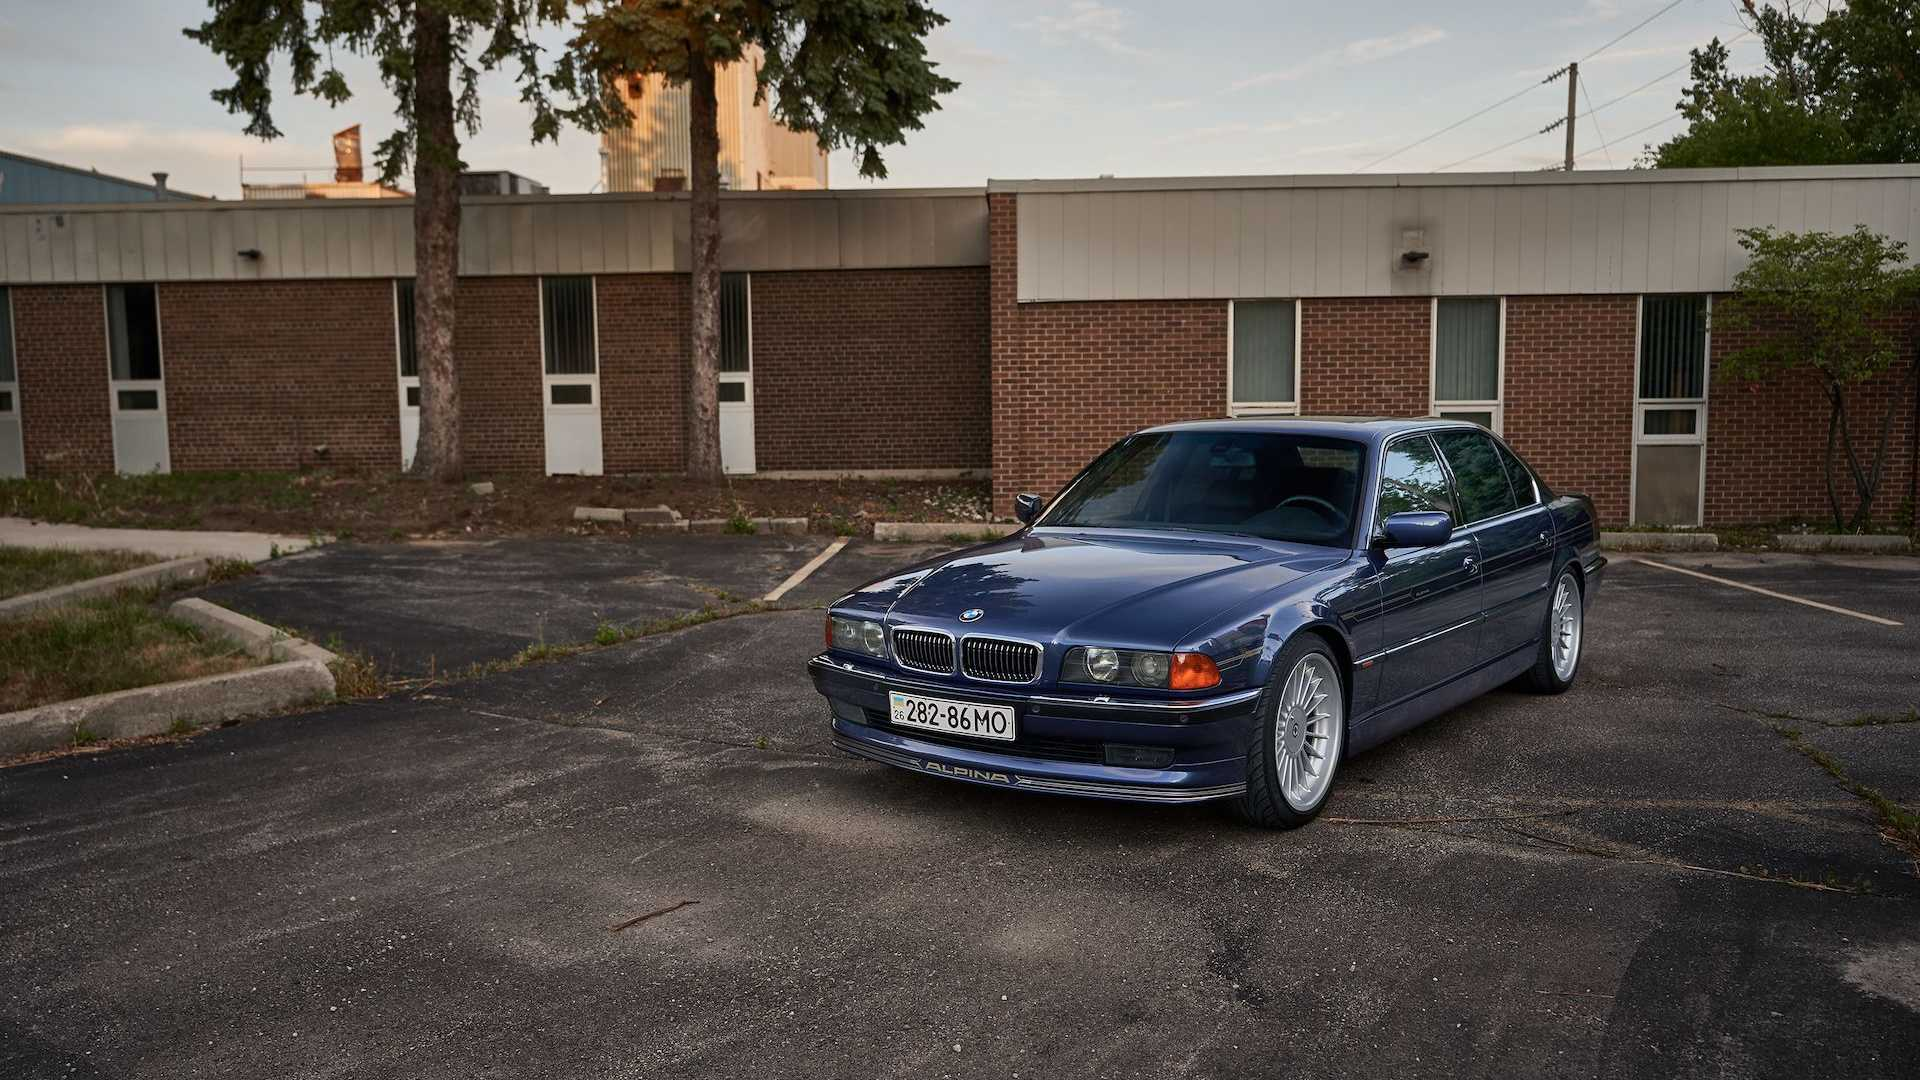 rare-1998-alpina-b12-5.7-for-sale-6